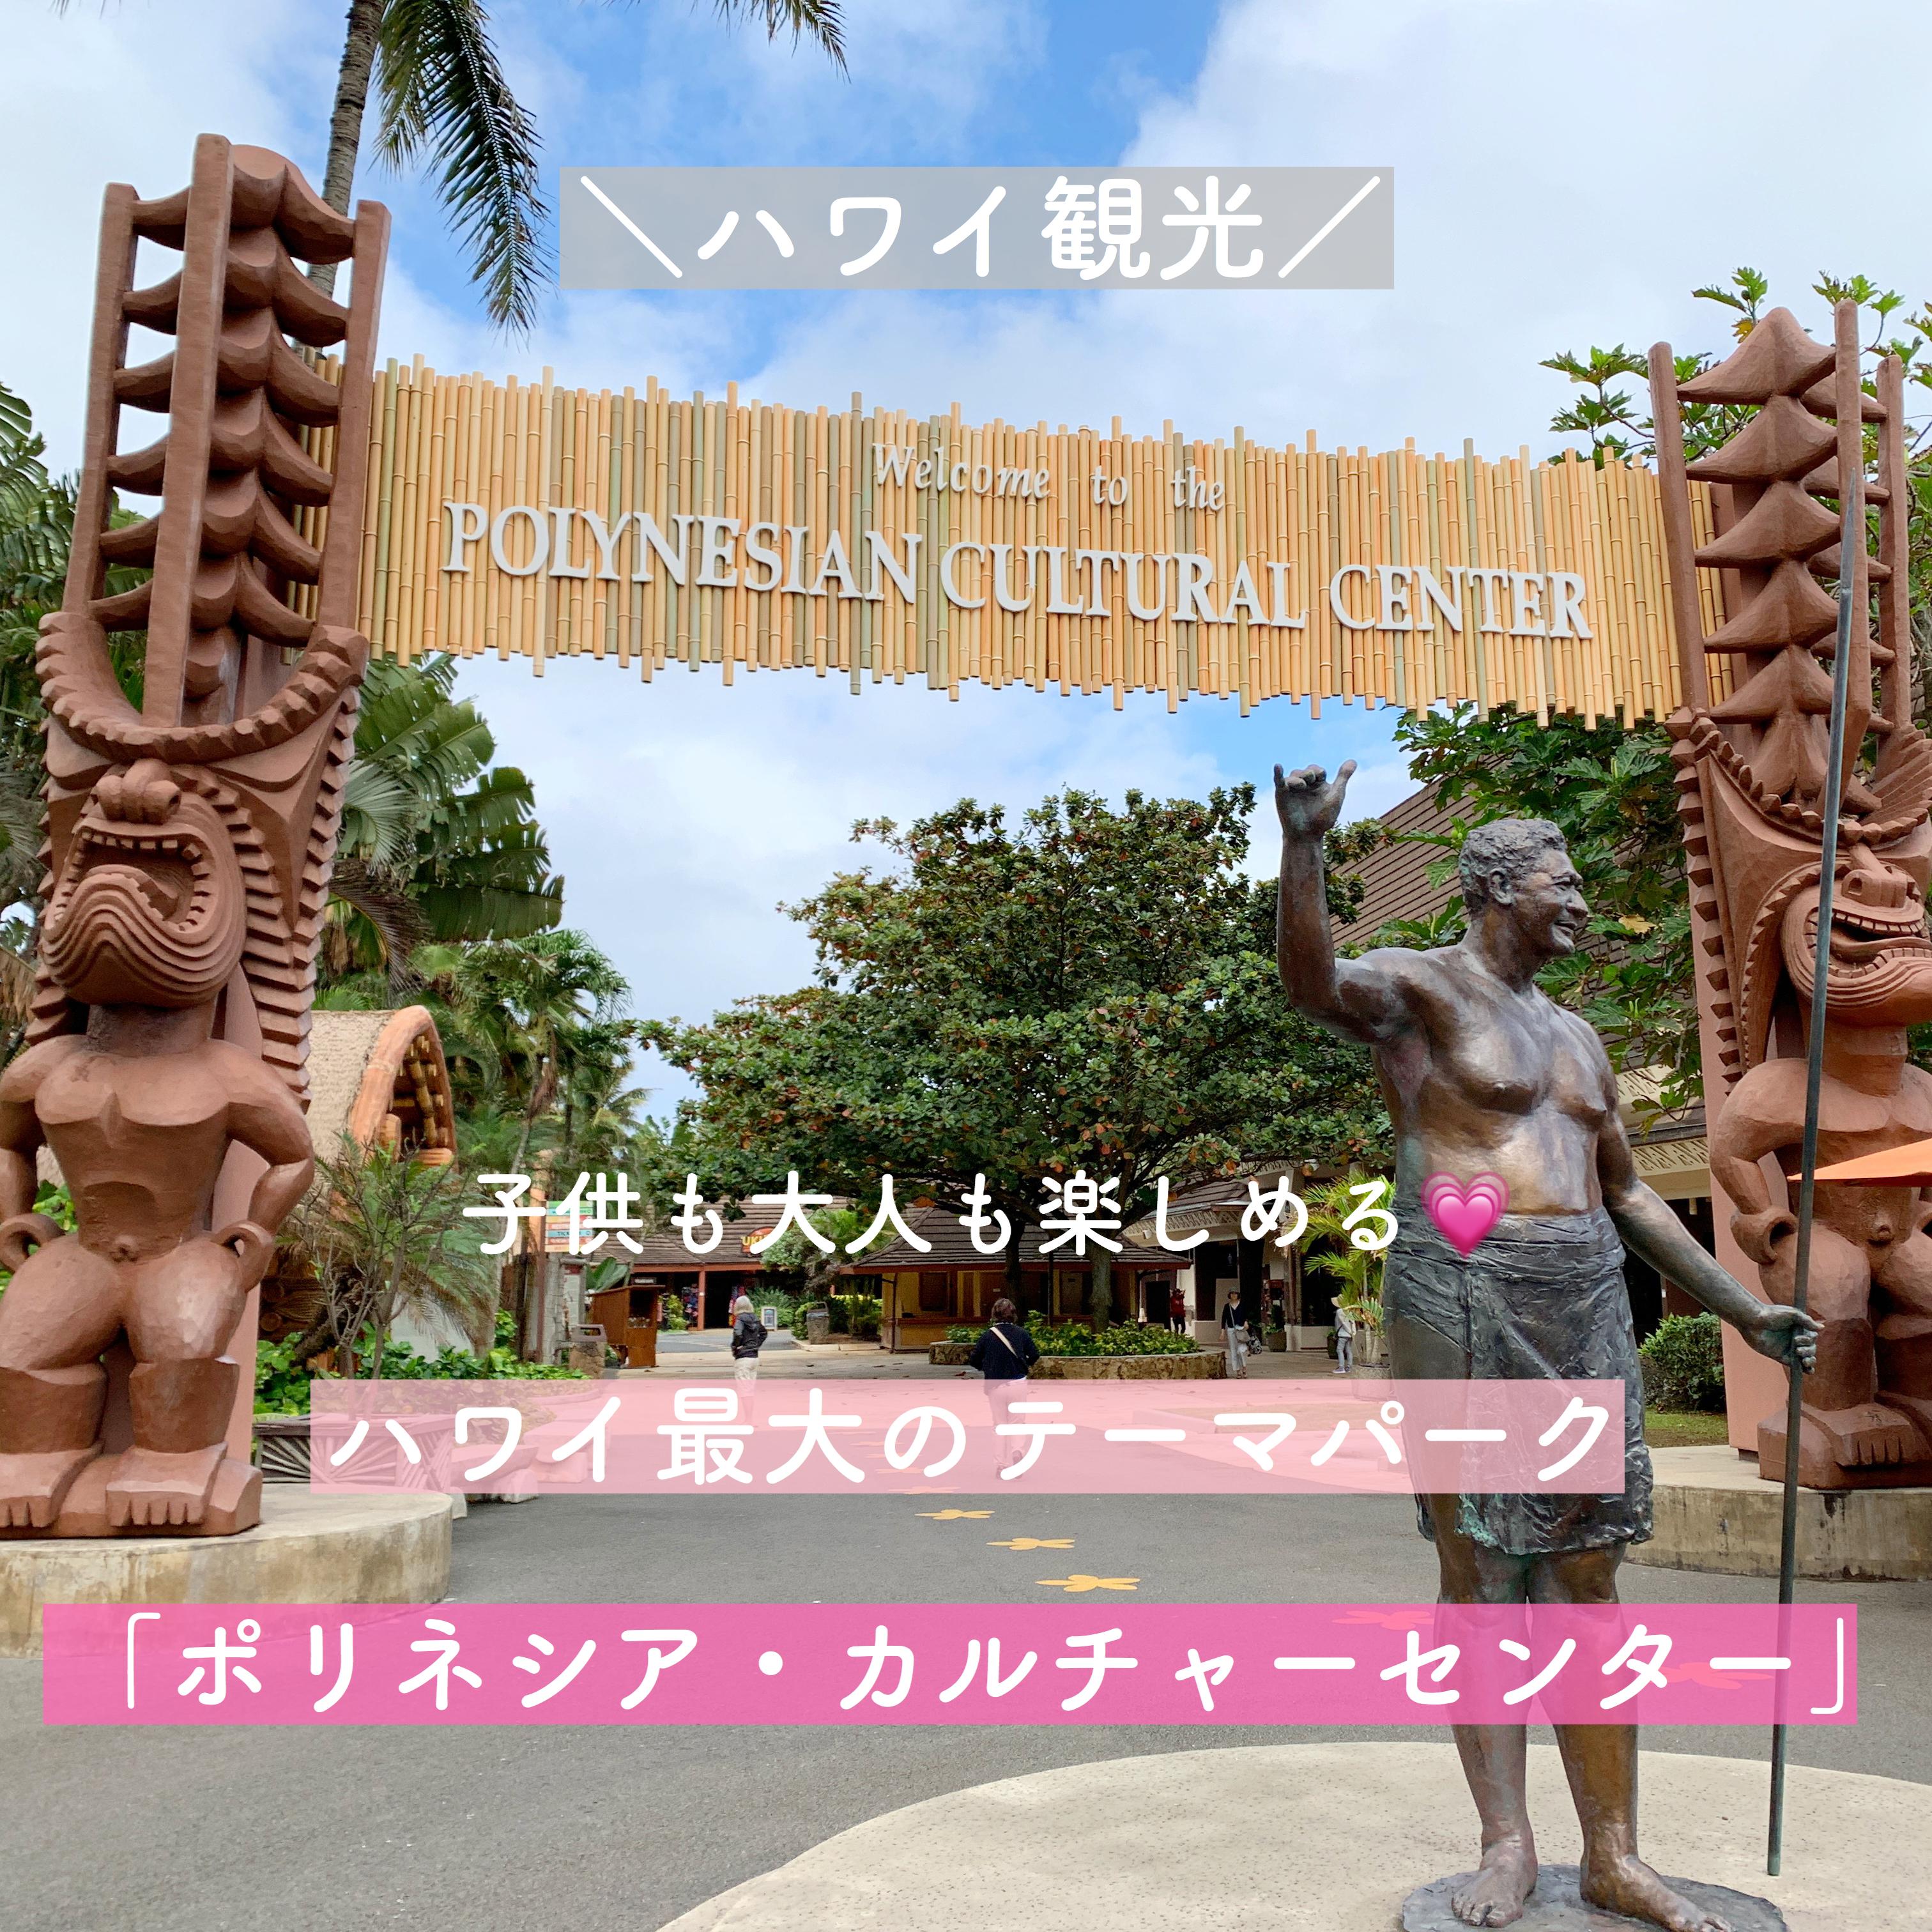 【ハワイ観光】ハワイ最大のテーマパーク「ポリネシア・カルチャー・センター」【Part1】